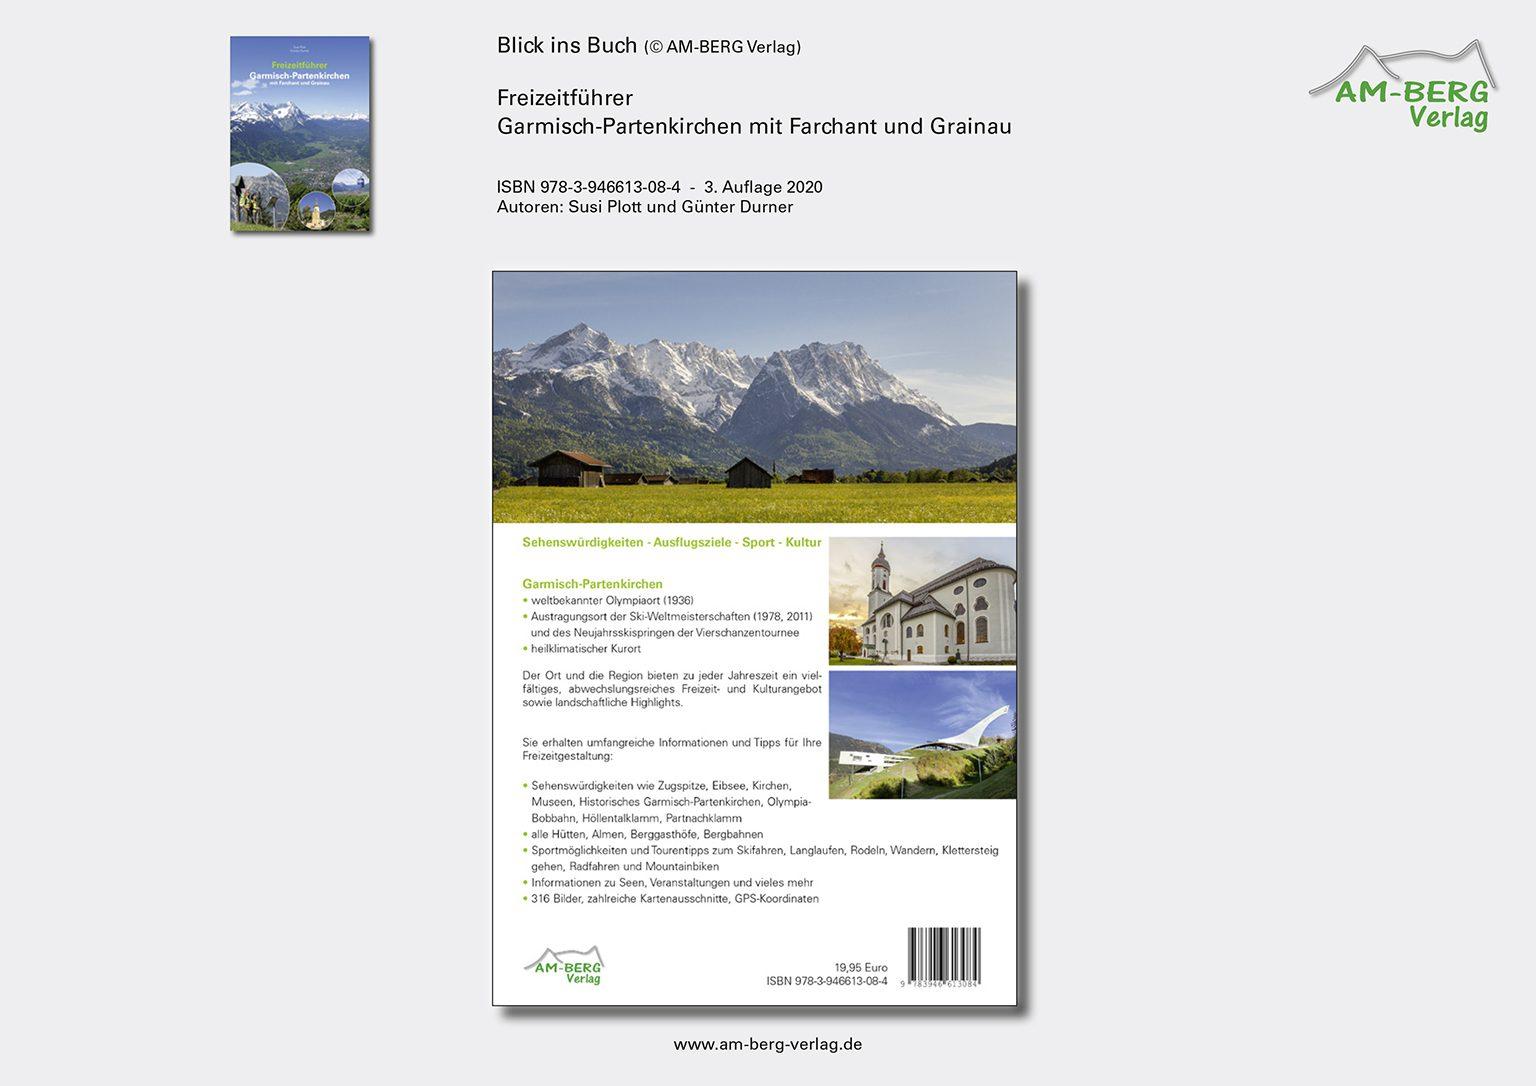 Freizeitführer Garmisch-Partenkirchen mit Farchant und Grainau_Rückseite Buch